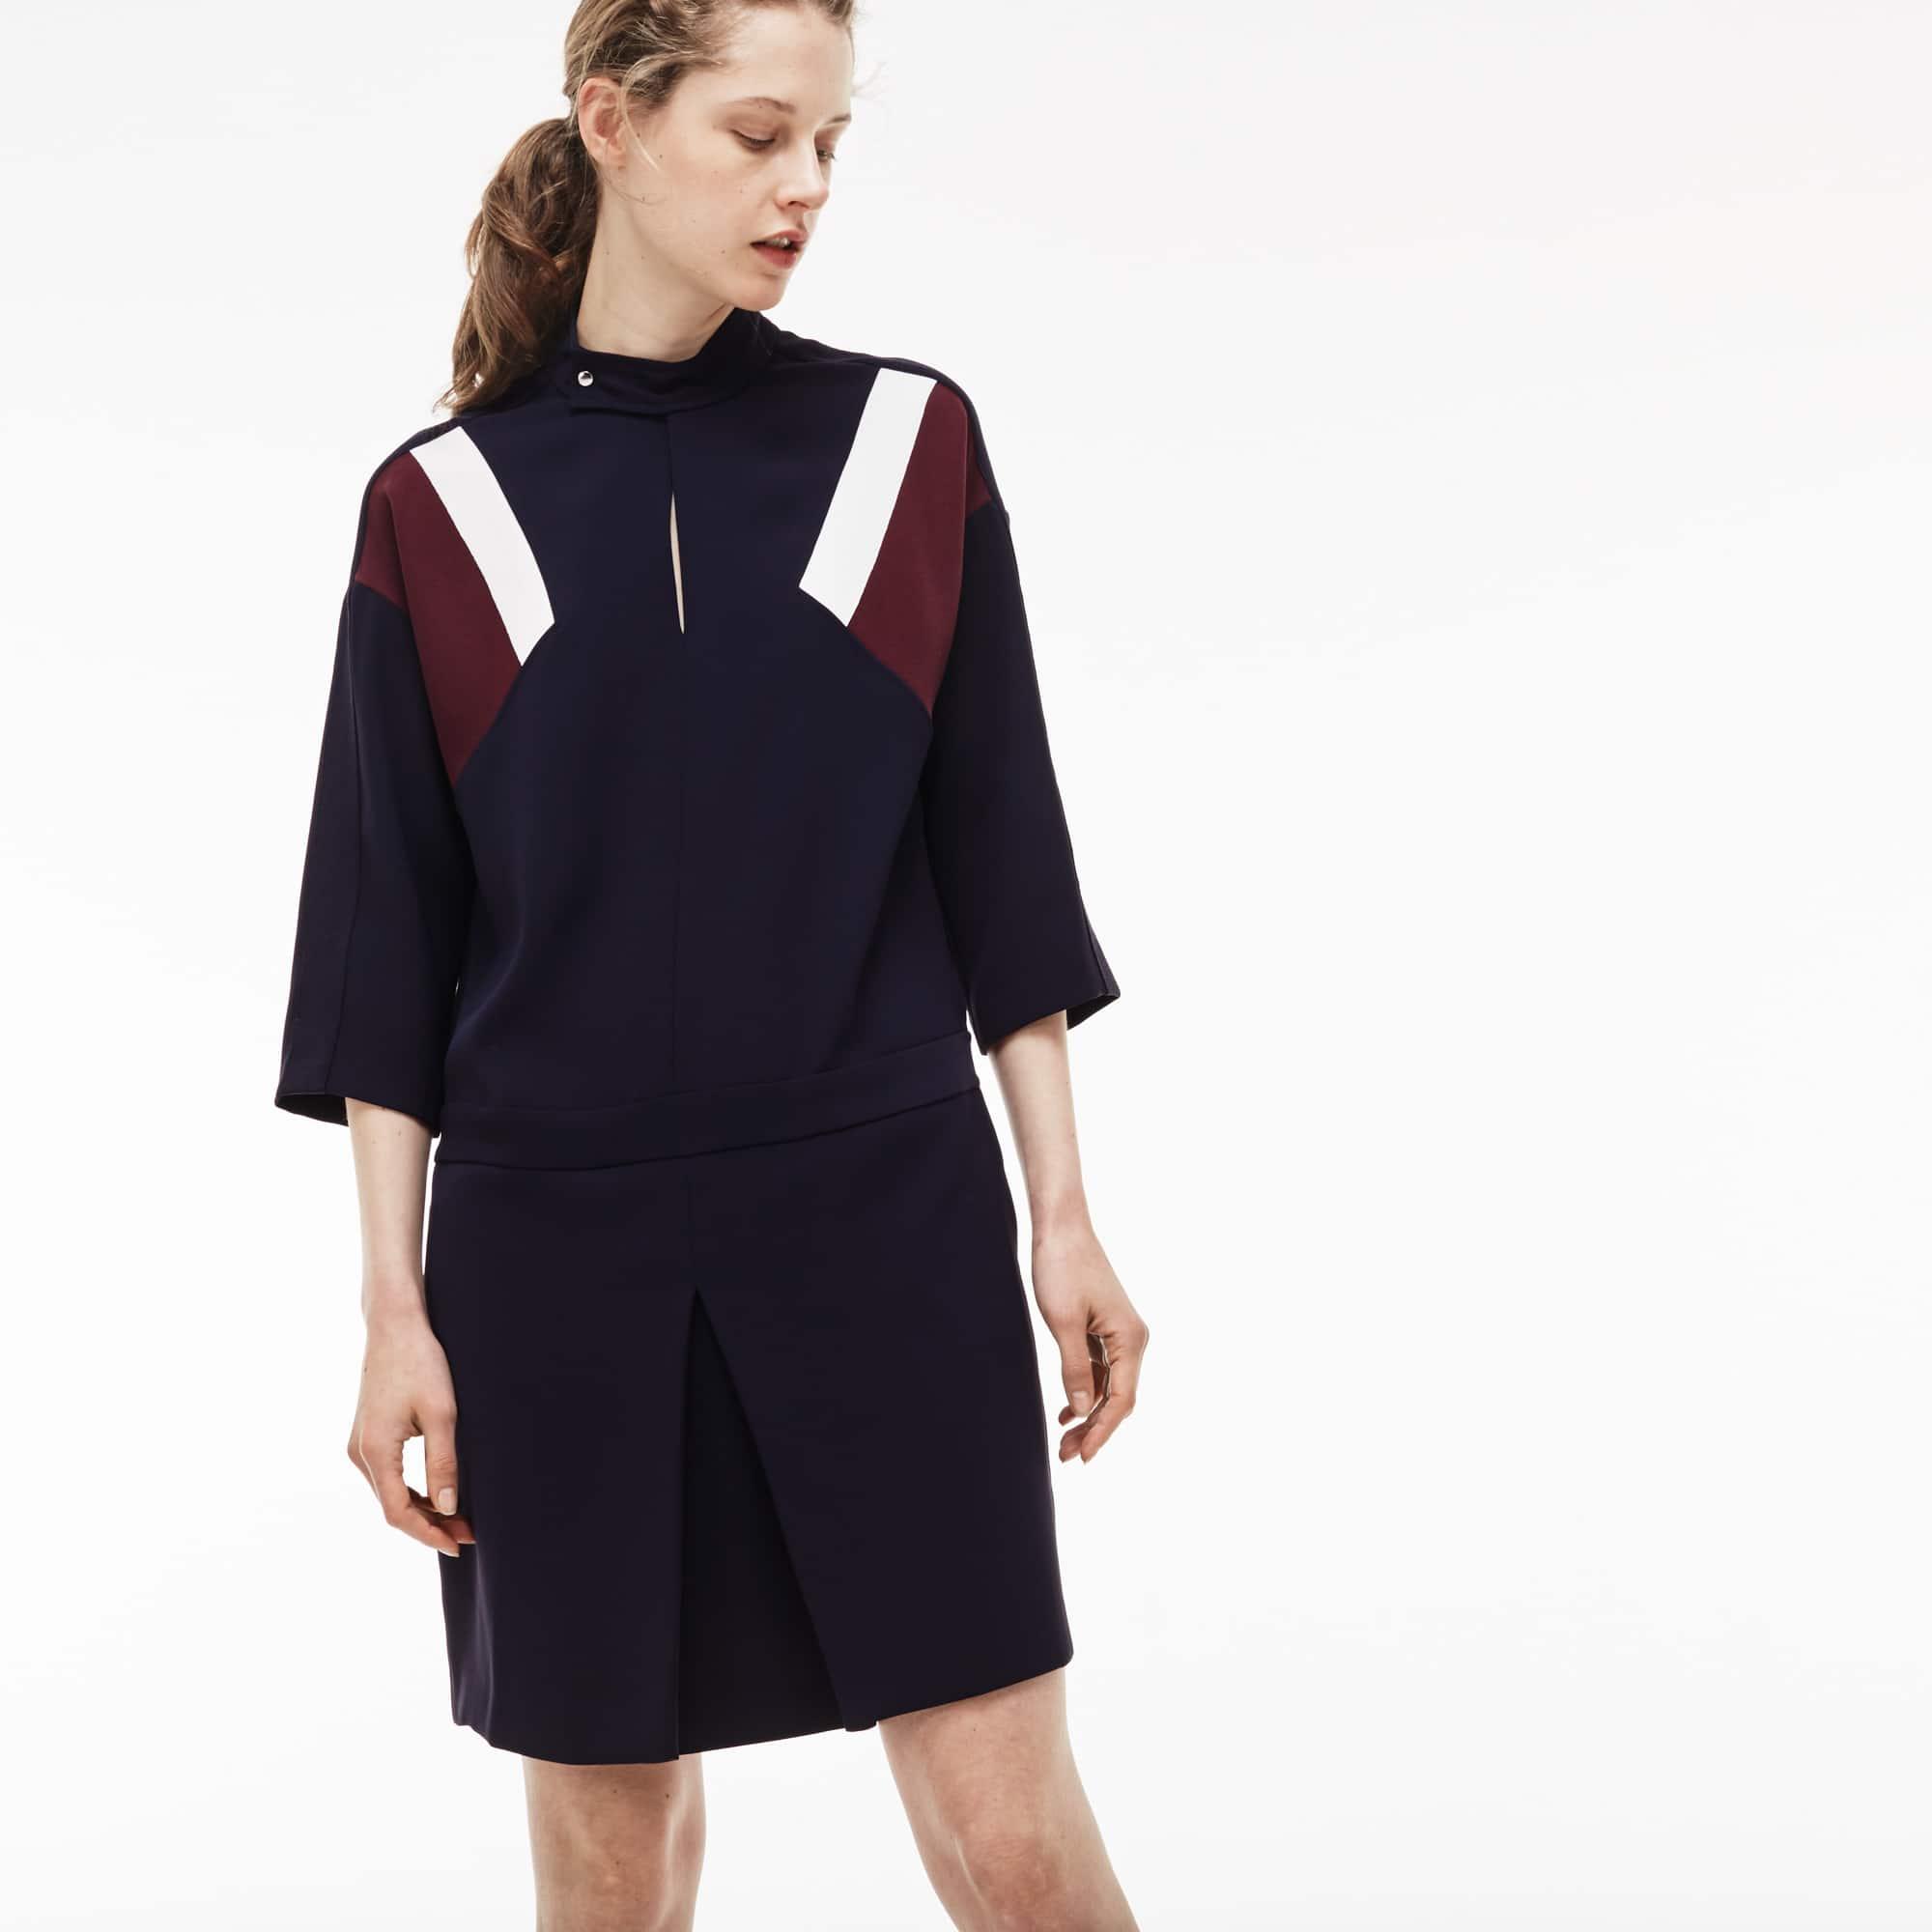 Women's Colorblock Accents Crepe Dress